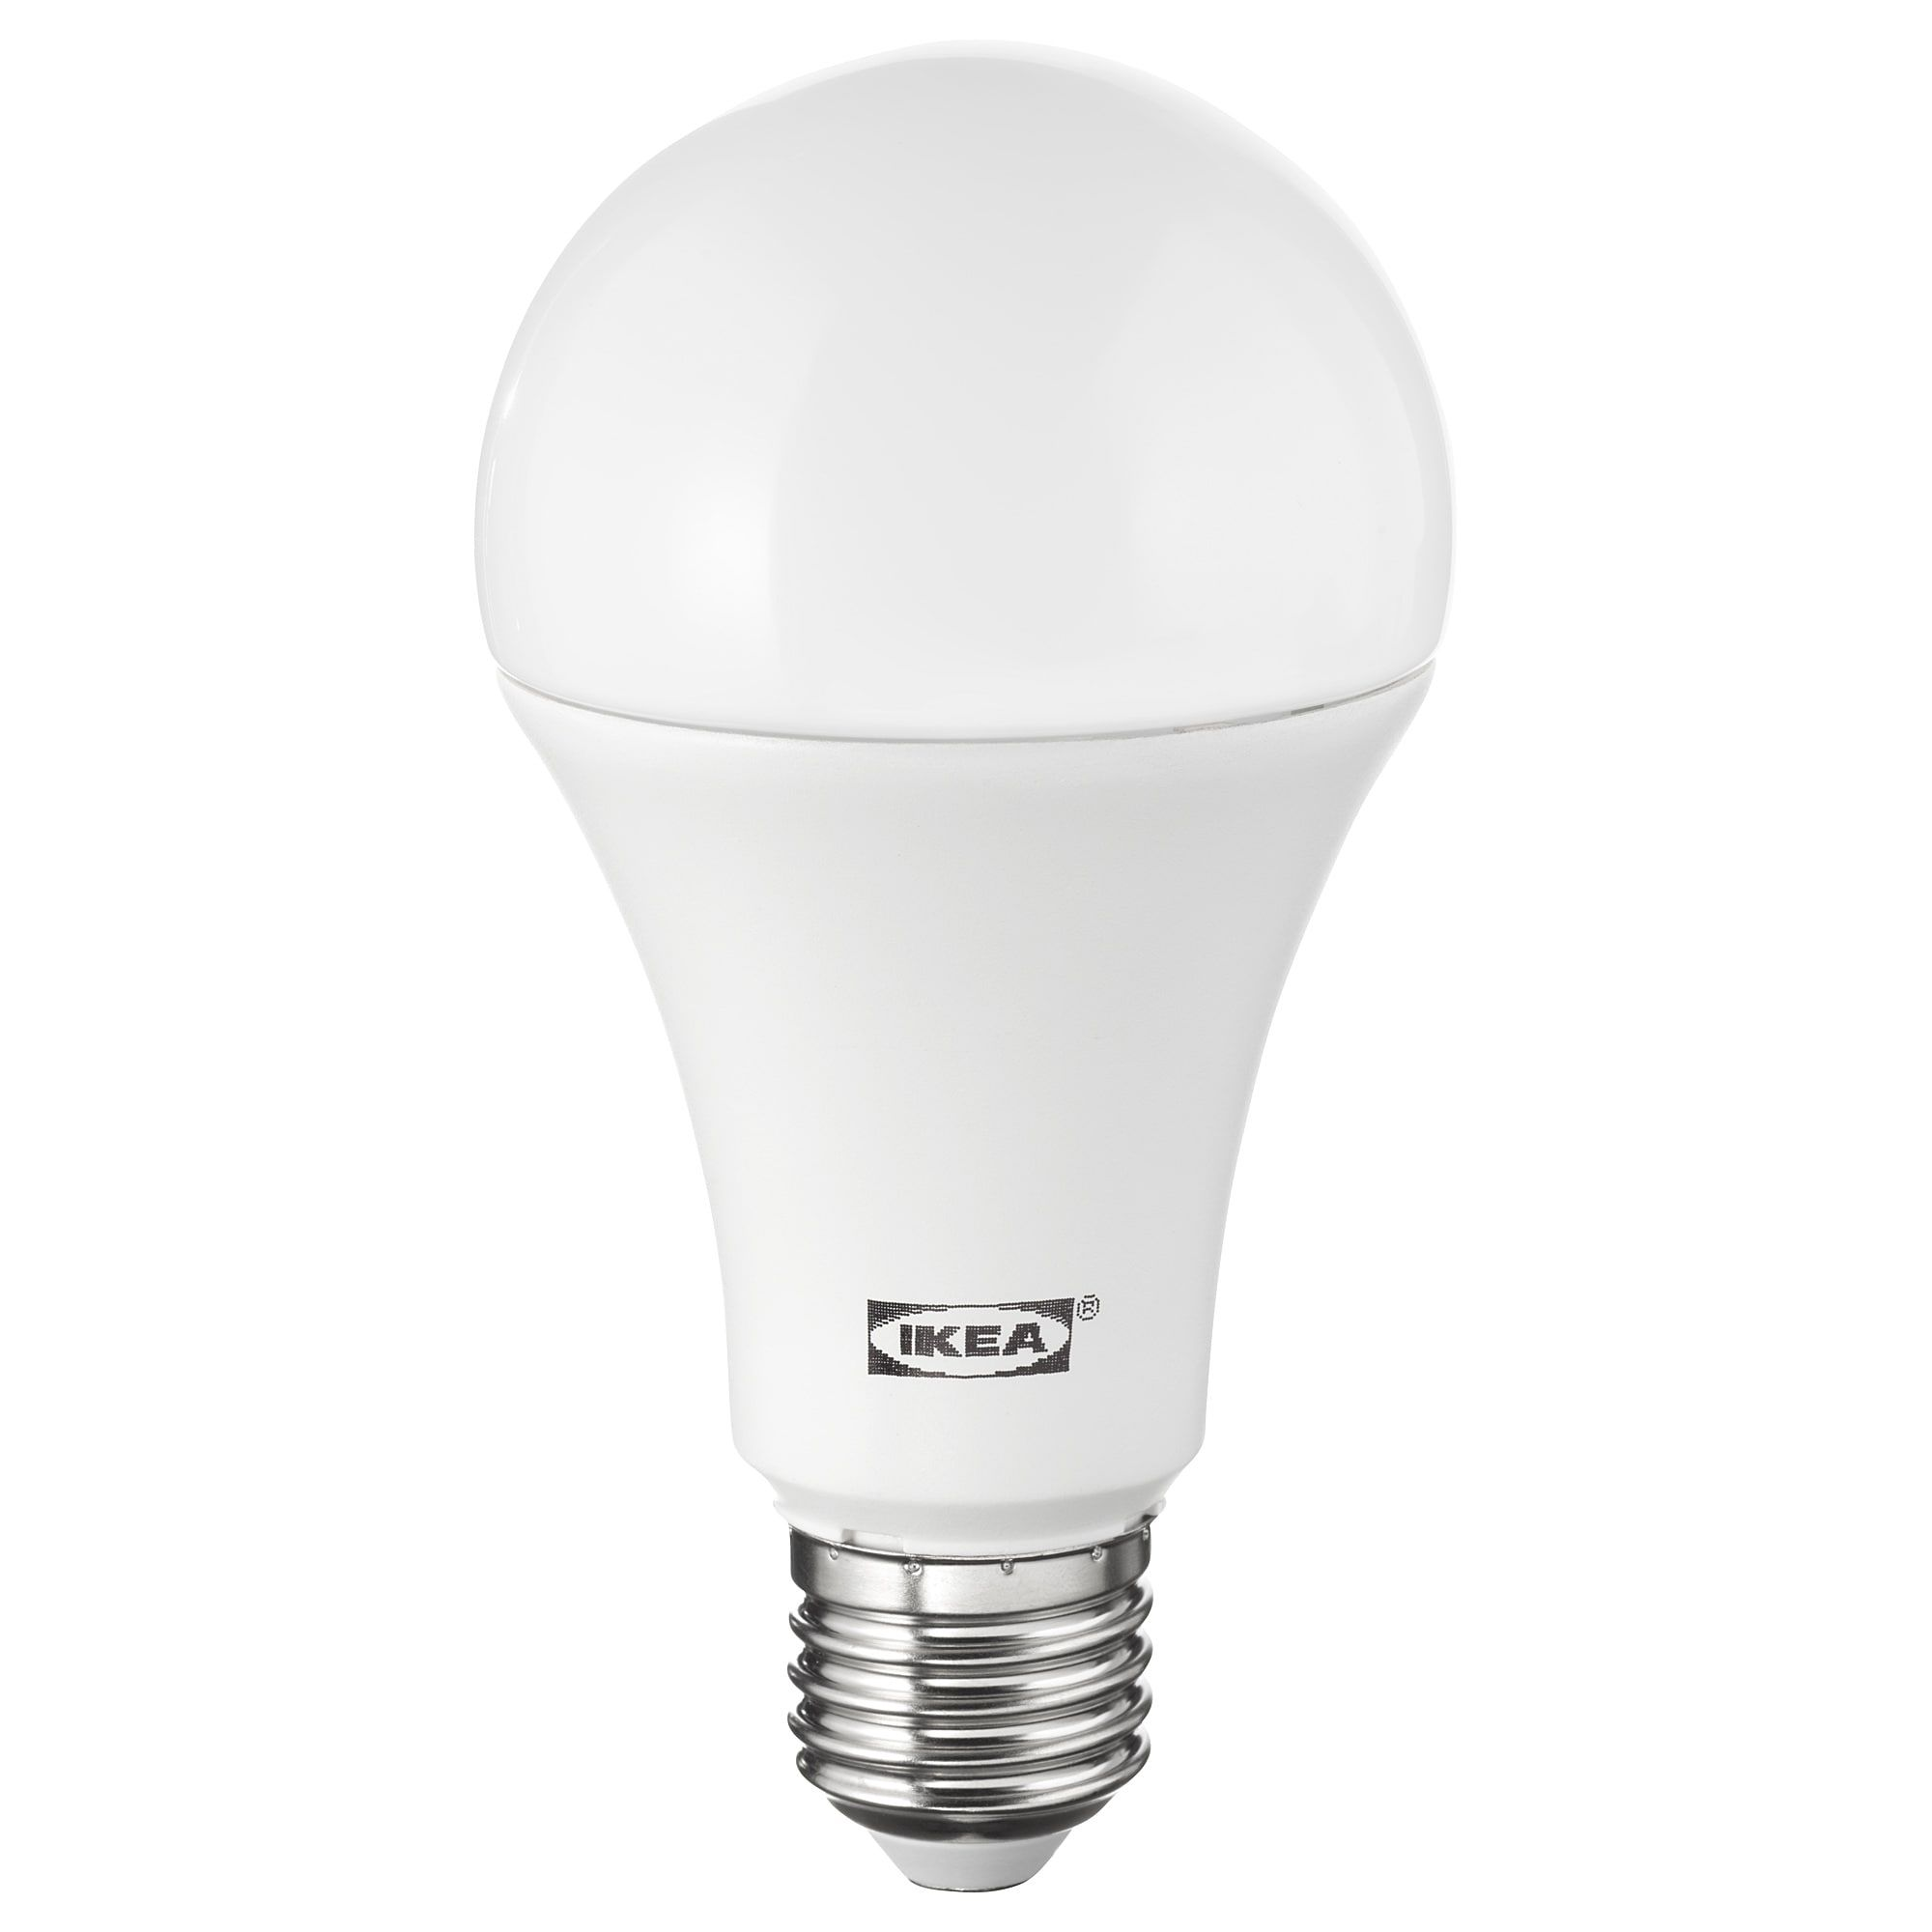 Ikea Ledare Led Bulb E27 1600 Lumen Warm Dimming Globe Opal White The Led Light Source Consumes Up To 85 Less Energy And Las Led Bulb Led Bulb